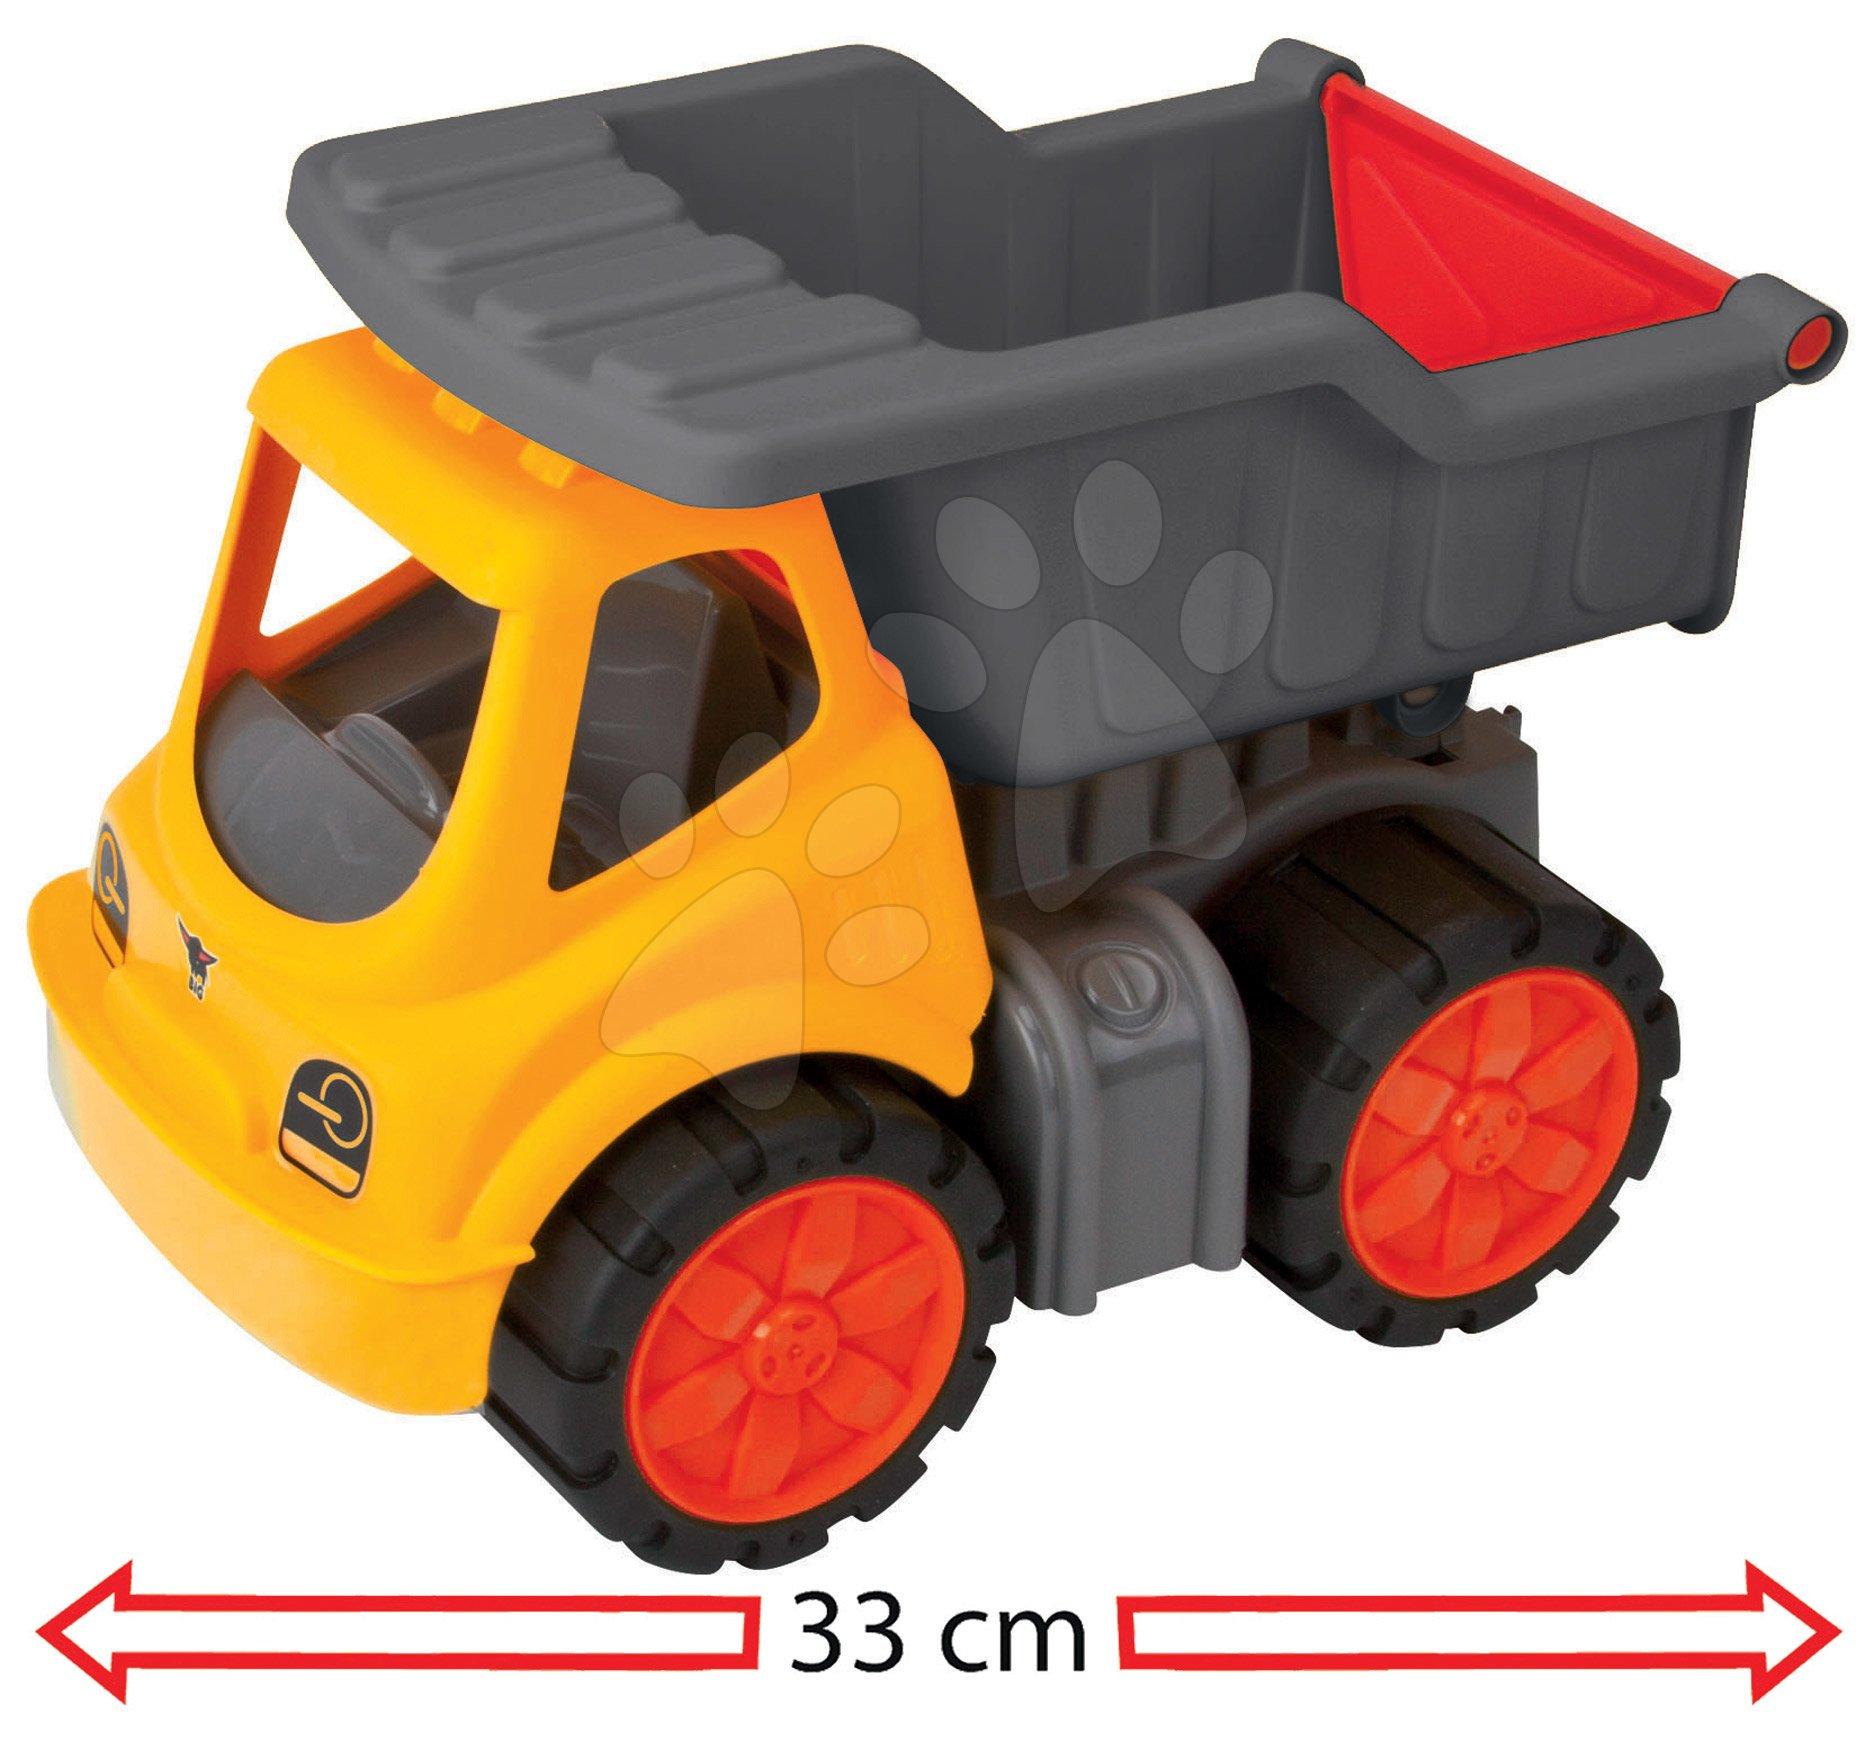 Nákladné auto Dumper Power Worker BIG pracovný stroj 33 cm - gumené kolesá od 2 rokov